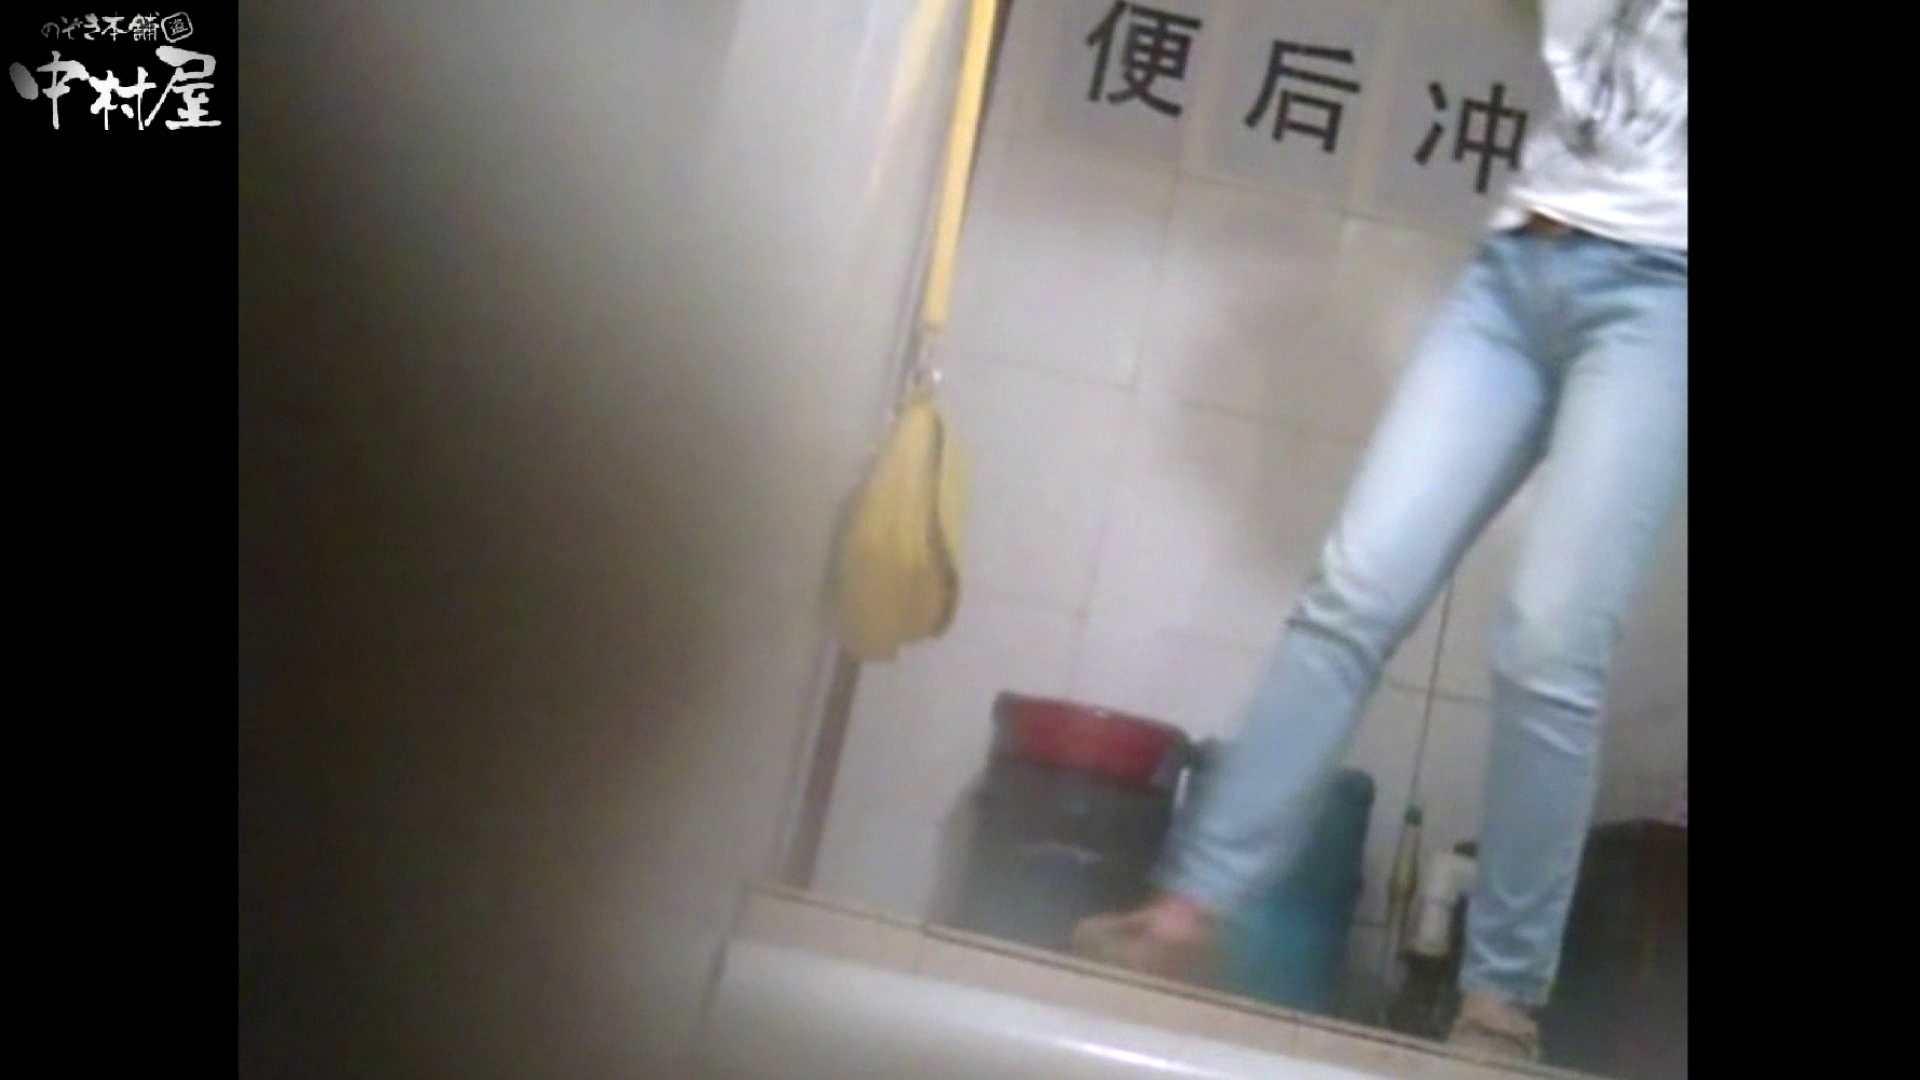 李さんの盗撮日記 Vol.13 トイレ 盗撮 93PIX 20